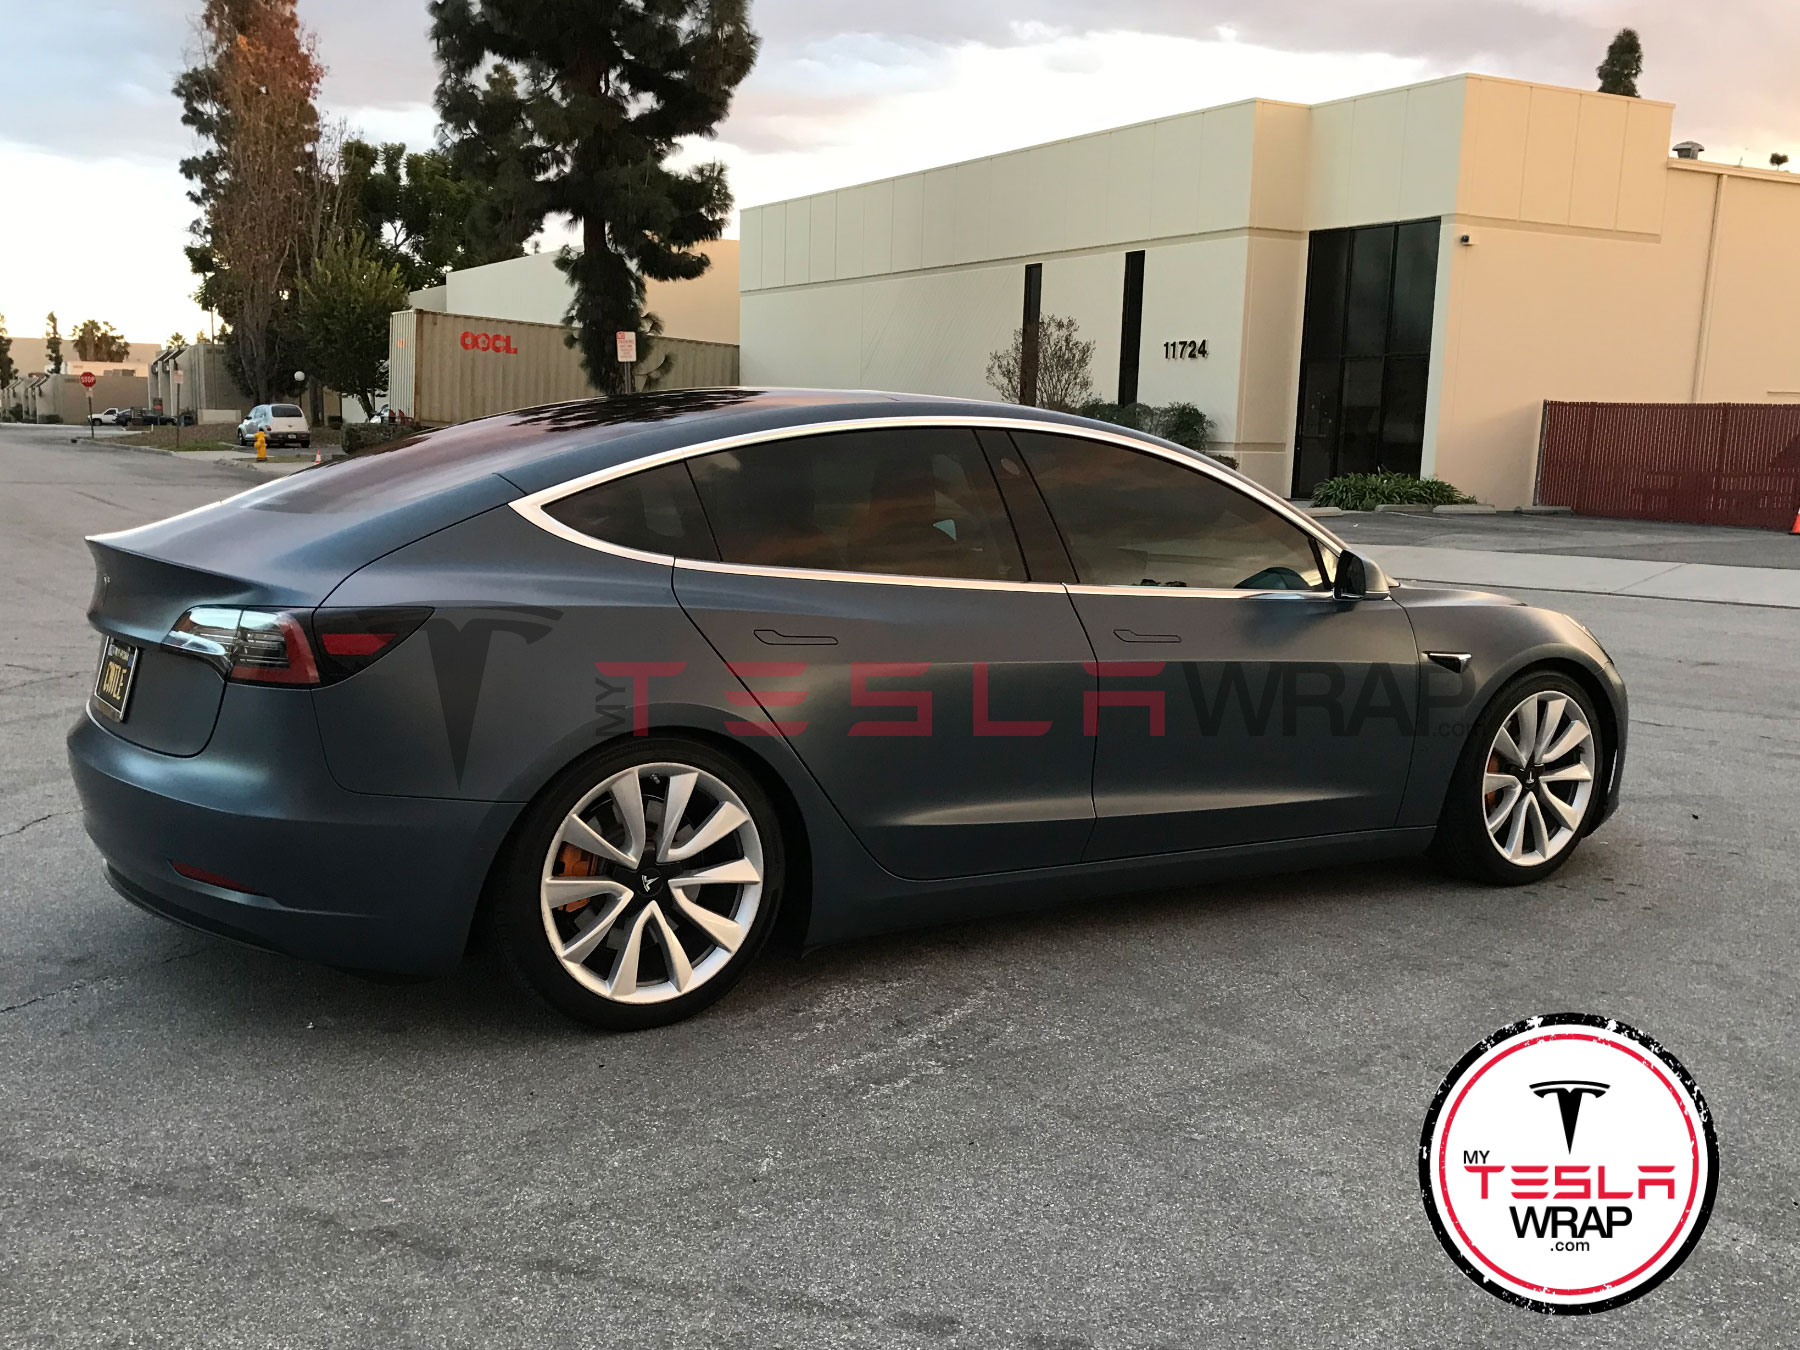 Tesla Model 3 matte black vinyl car wrap